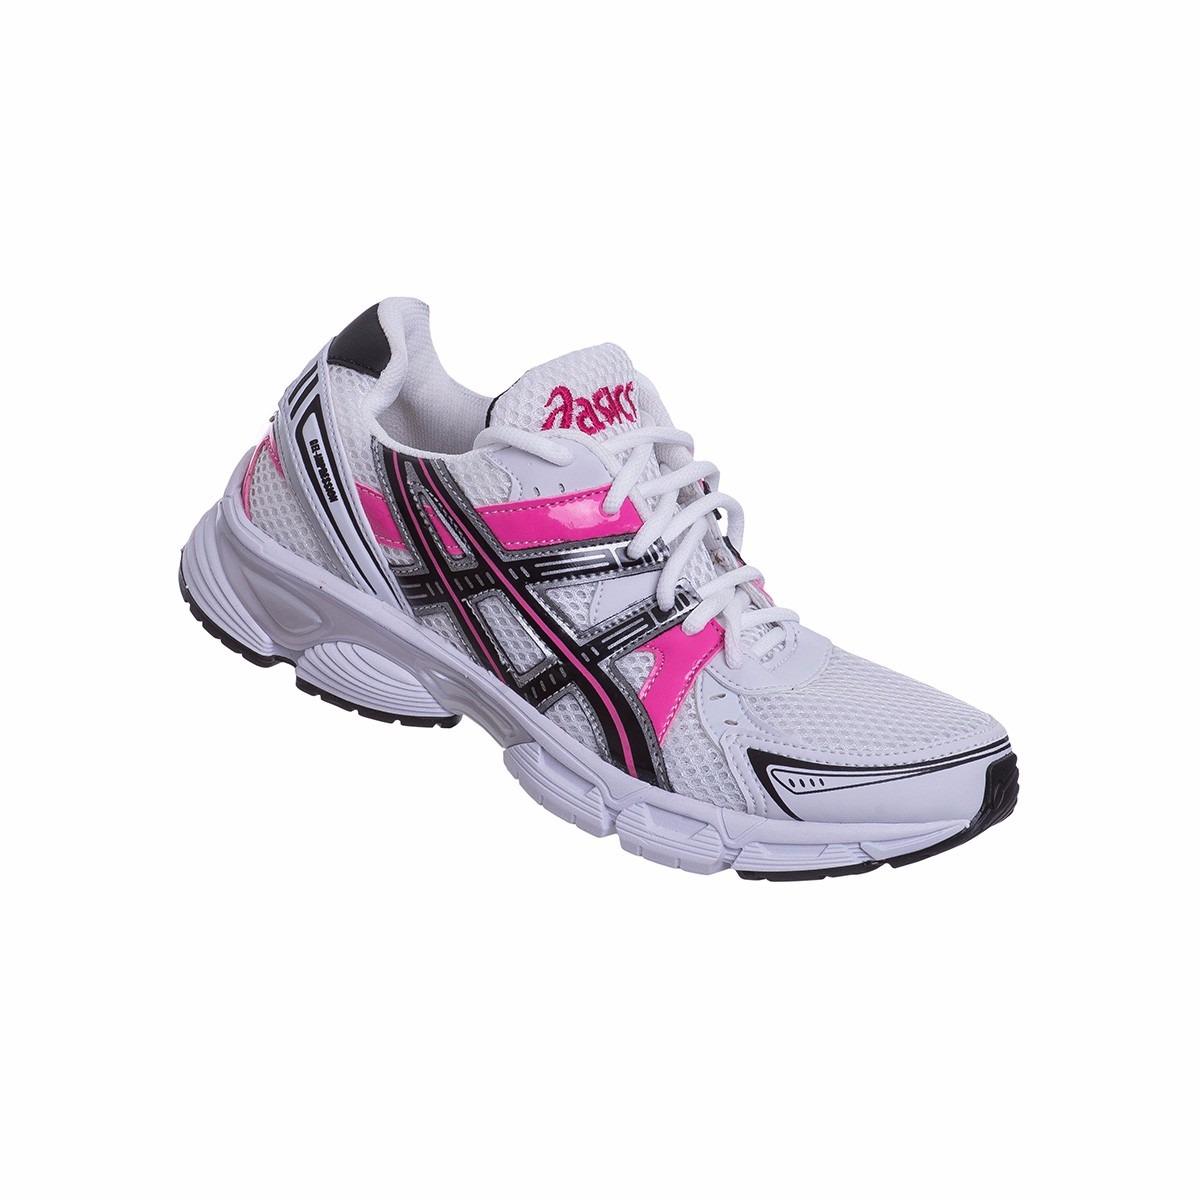 5c10f879fd2 tenis asics gel impression feminino caminhada corrida macio. Carregando  zoom.